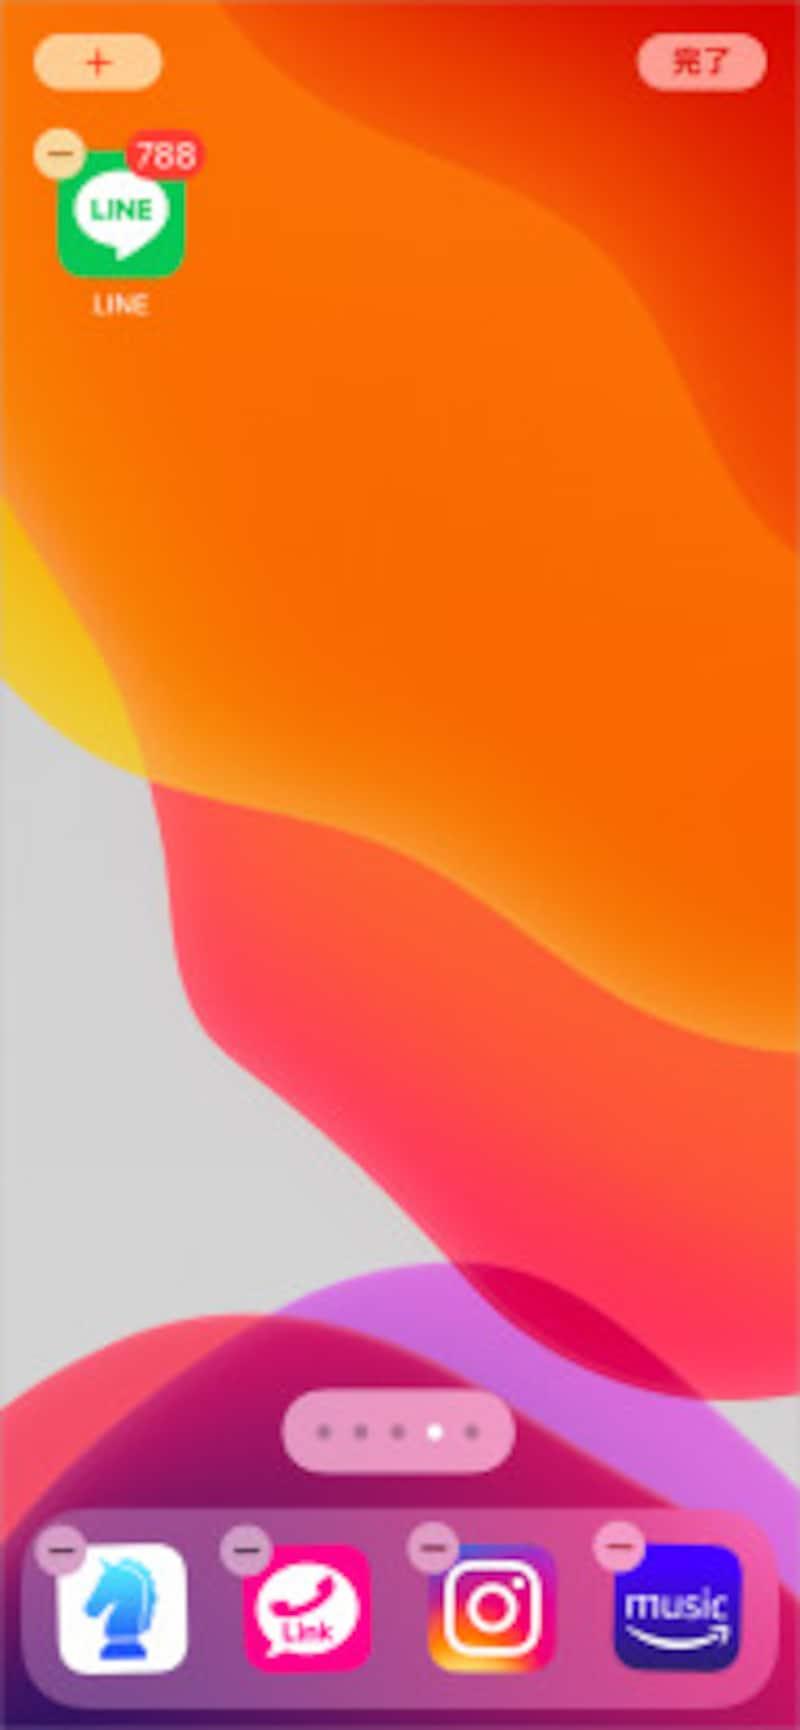 LINEアプリを長押しし、「ホーム画面を編集」を選択してLINEアプリのアイコン左上に出てくる「×」マークをタップすればOK